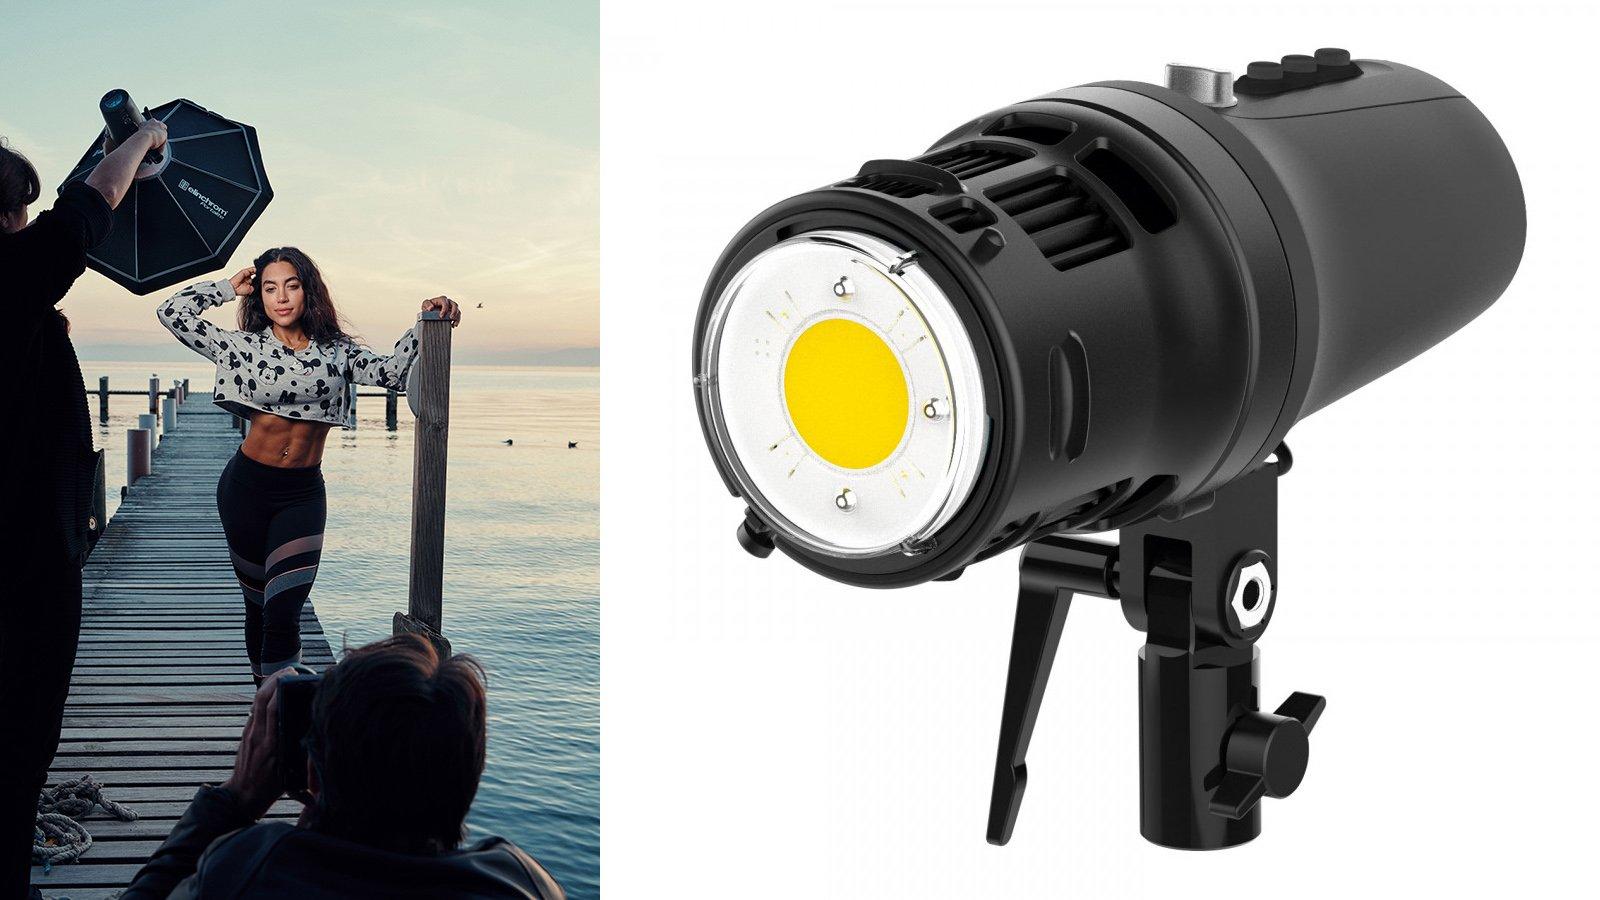 Elinchrom Unveils the ELM8: 'The Most Versatile Continuous LED Light'